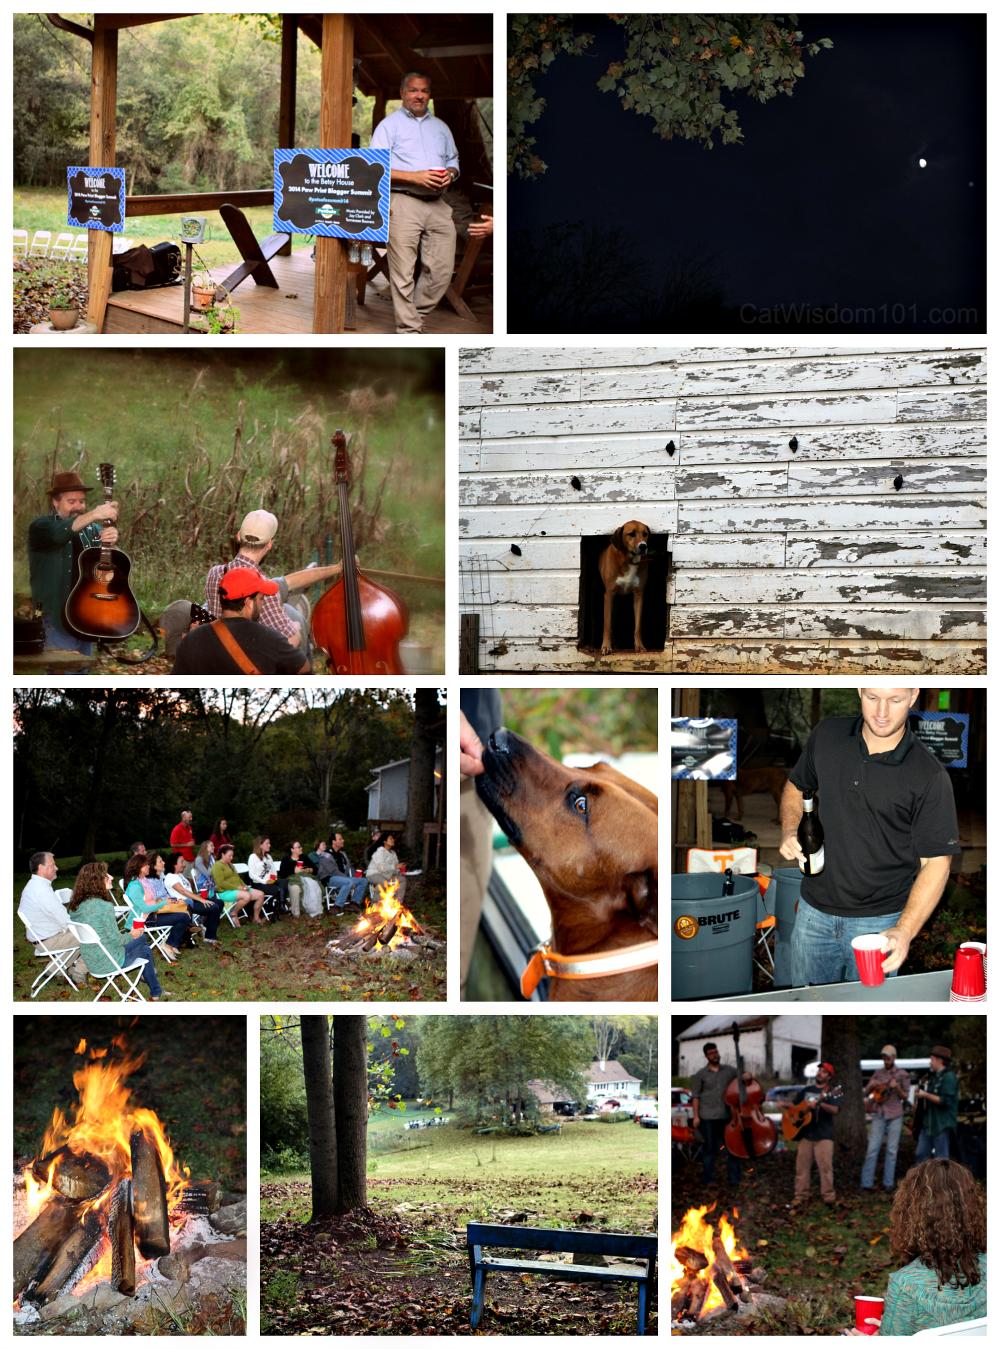 PetSafe summit 2014- Jay Clark